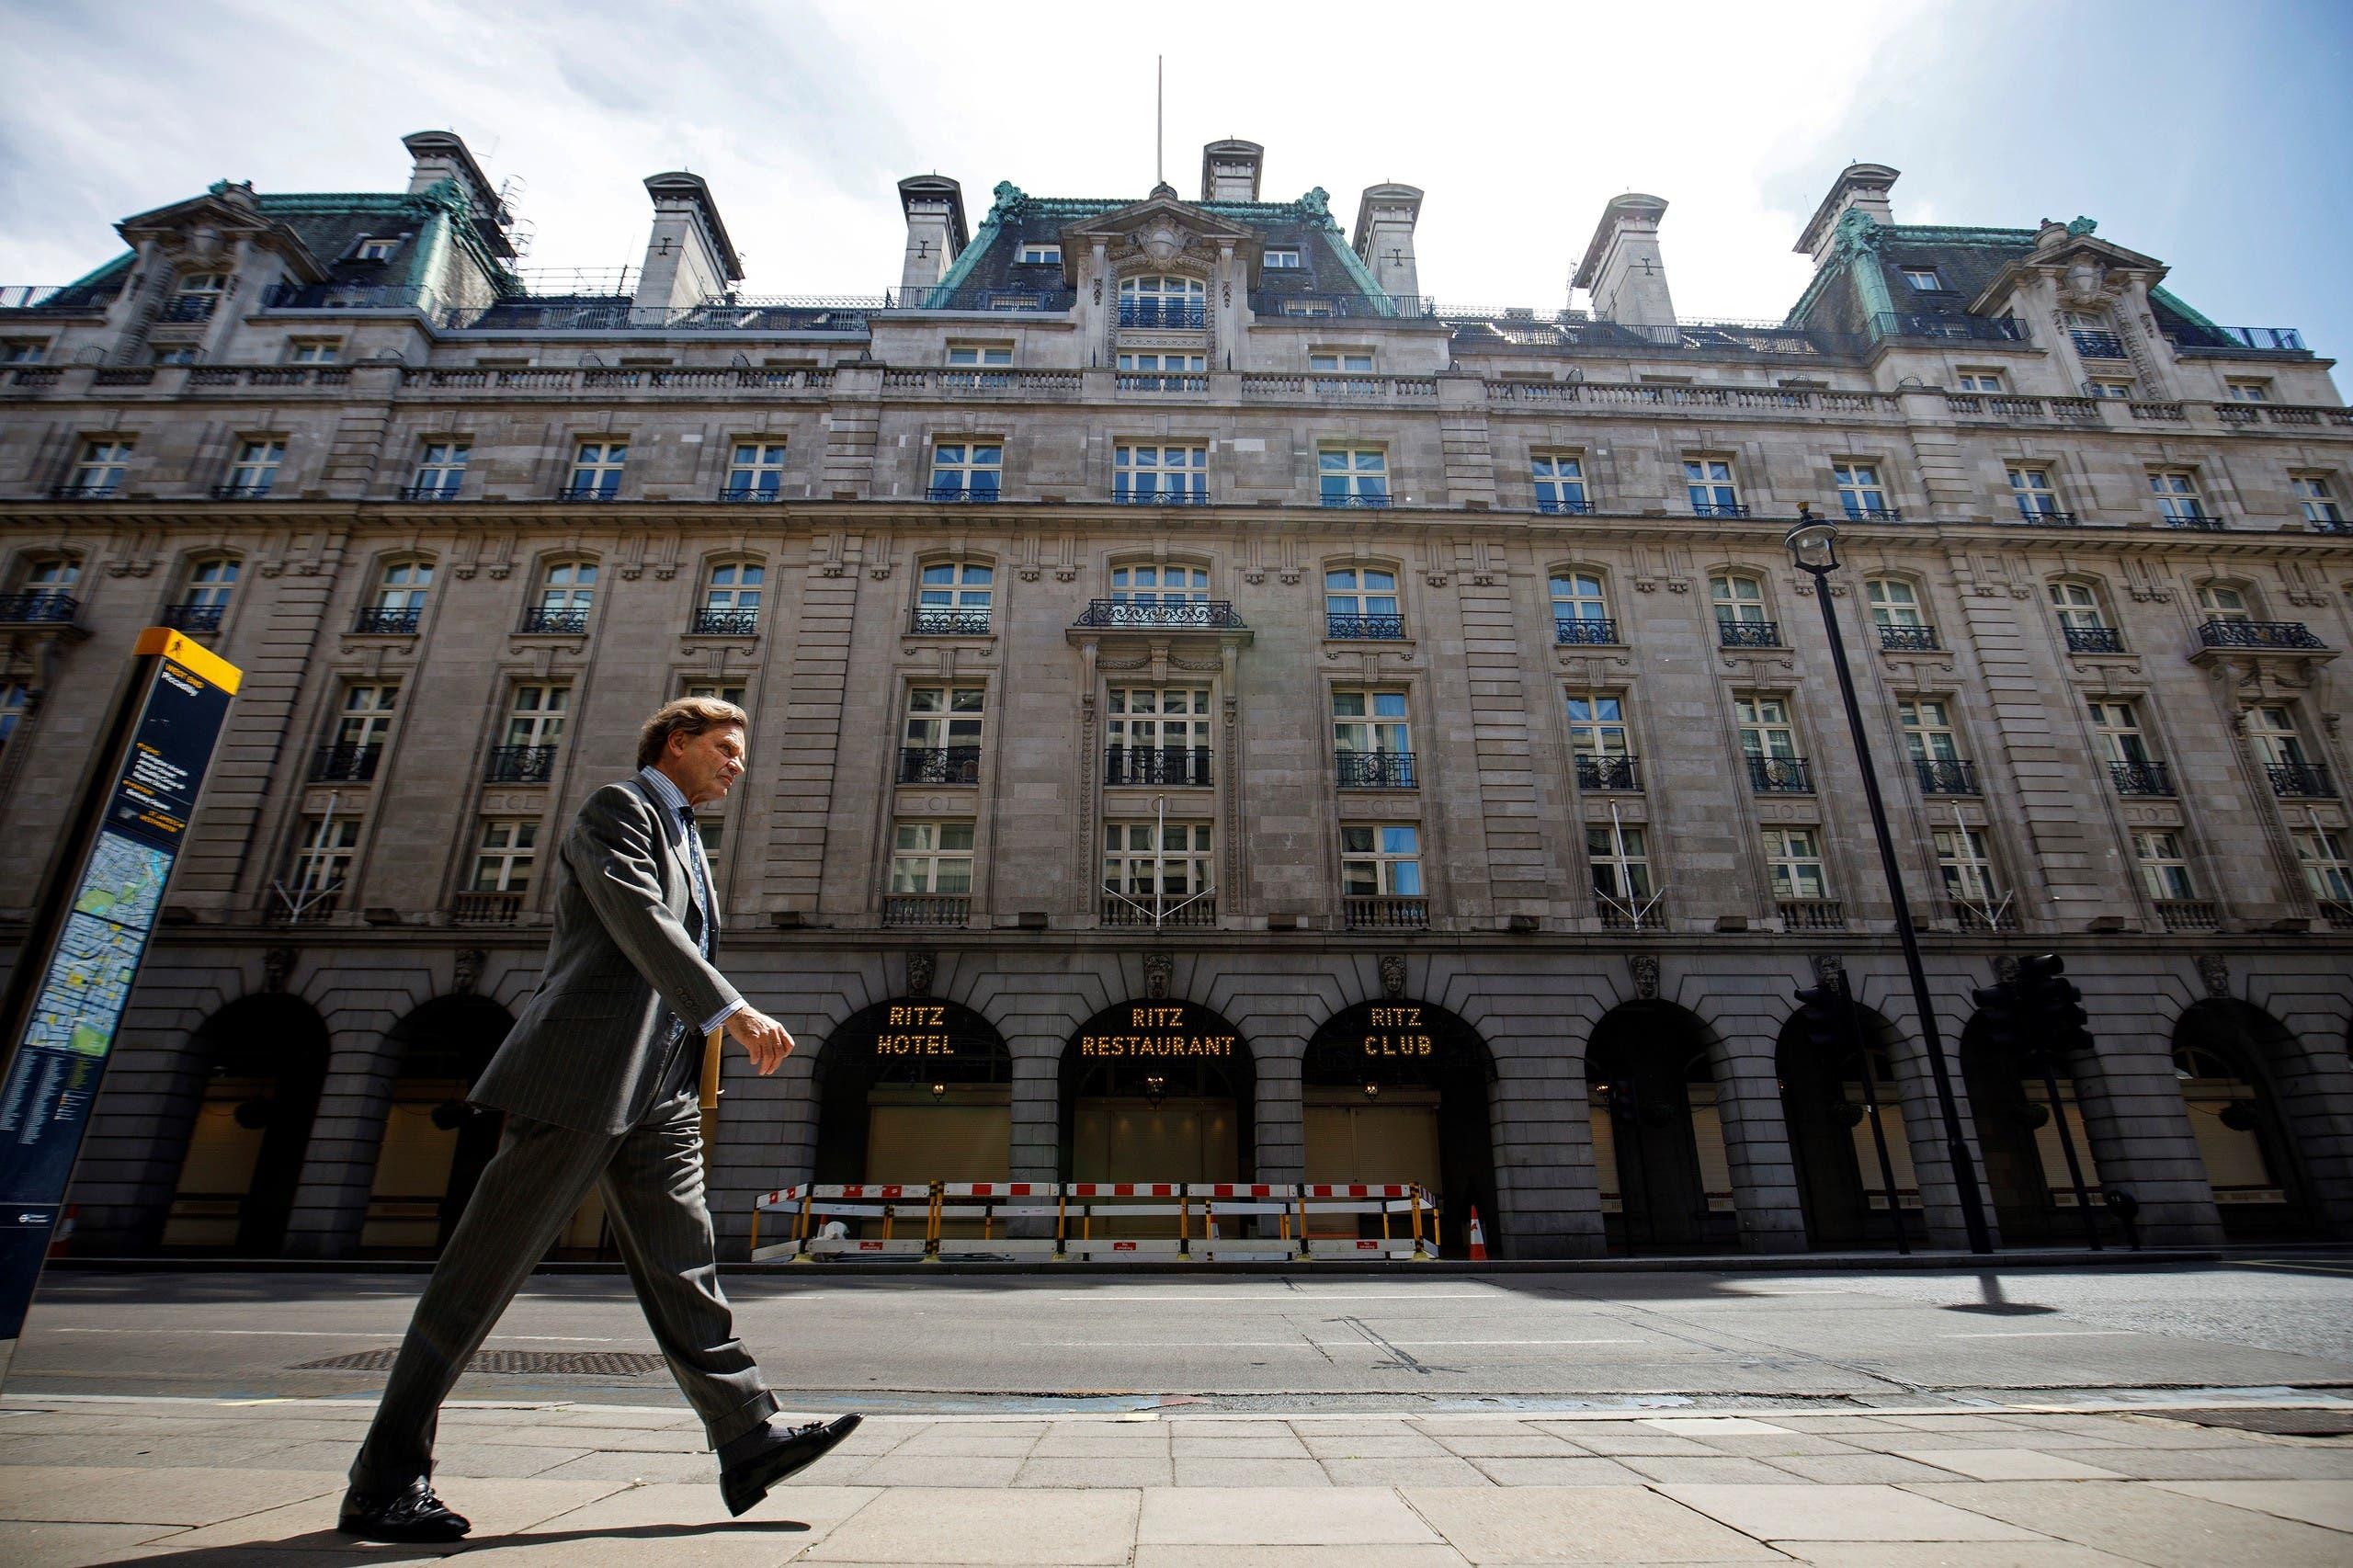 فندق الريتز الشهير في باريس